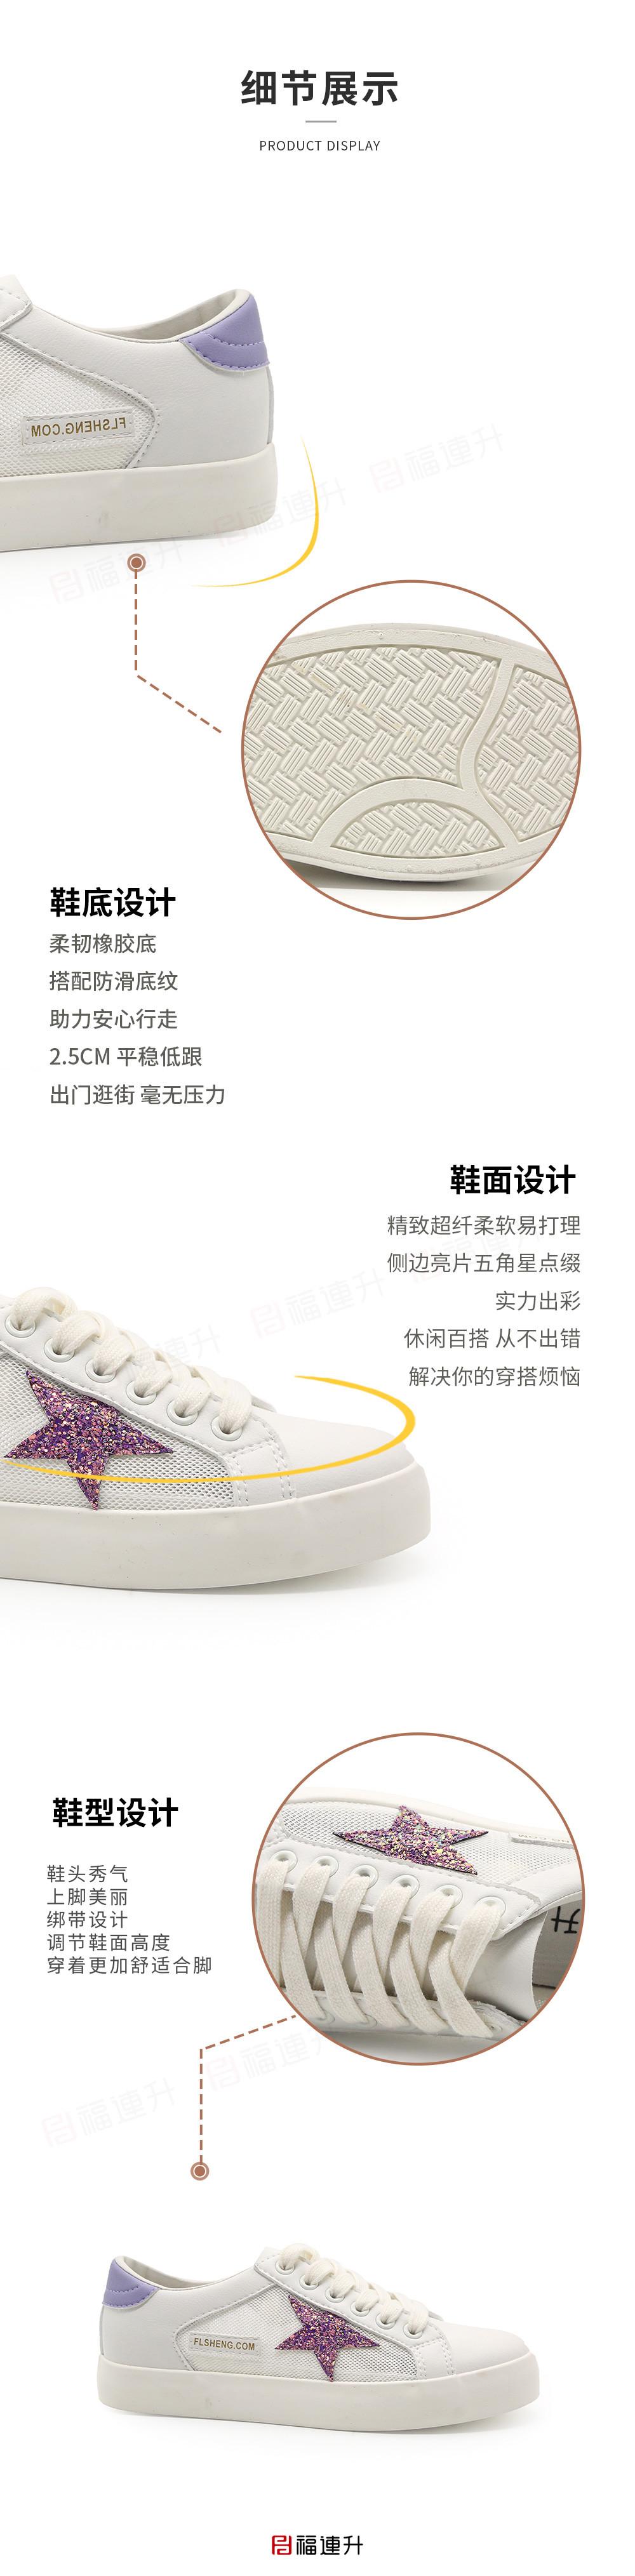 福连升夏季休闲板鞋女鞋小白鞋透气侧网布舒适橡胶底图片